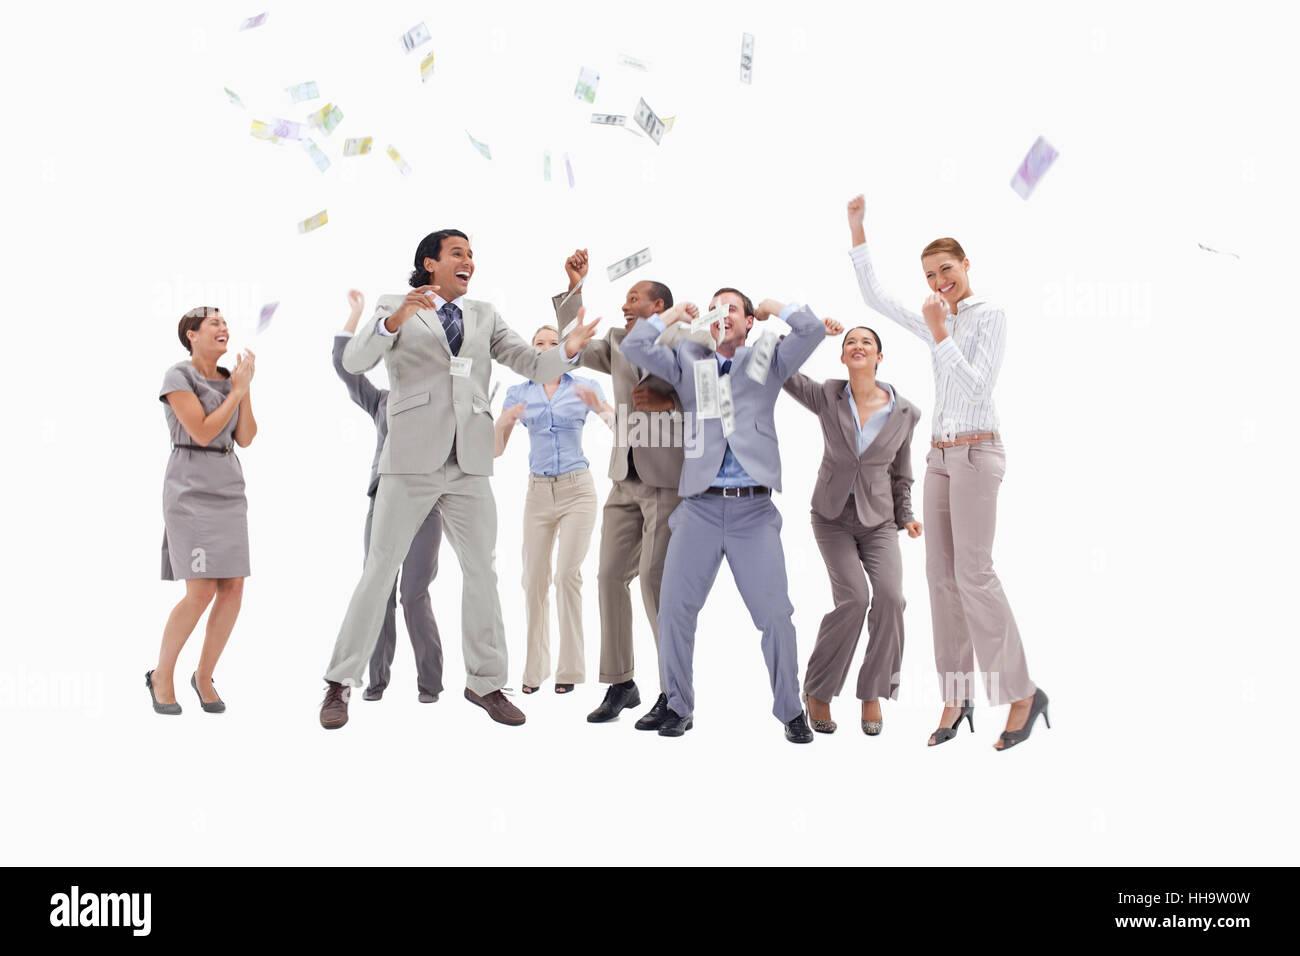 Les gens passionnés très saut et levant les bras avec de l argent qui tombe  du ciel contre fond blanc 86a61f74ece